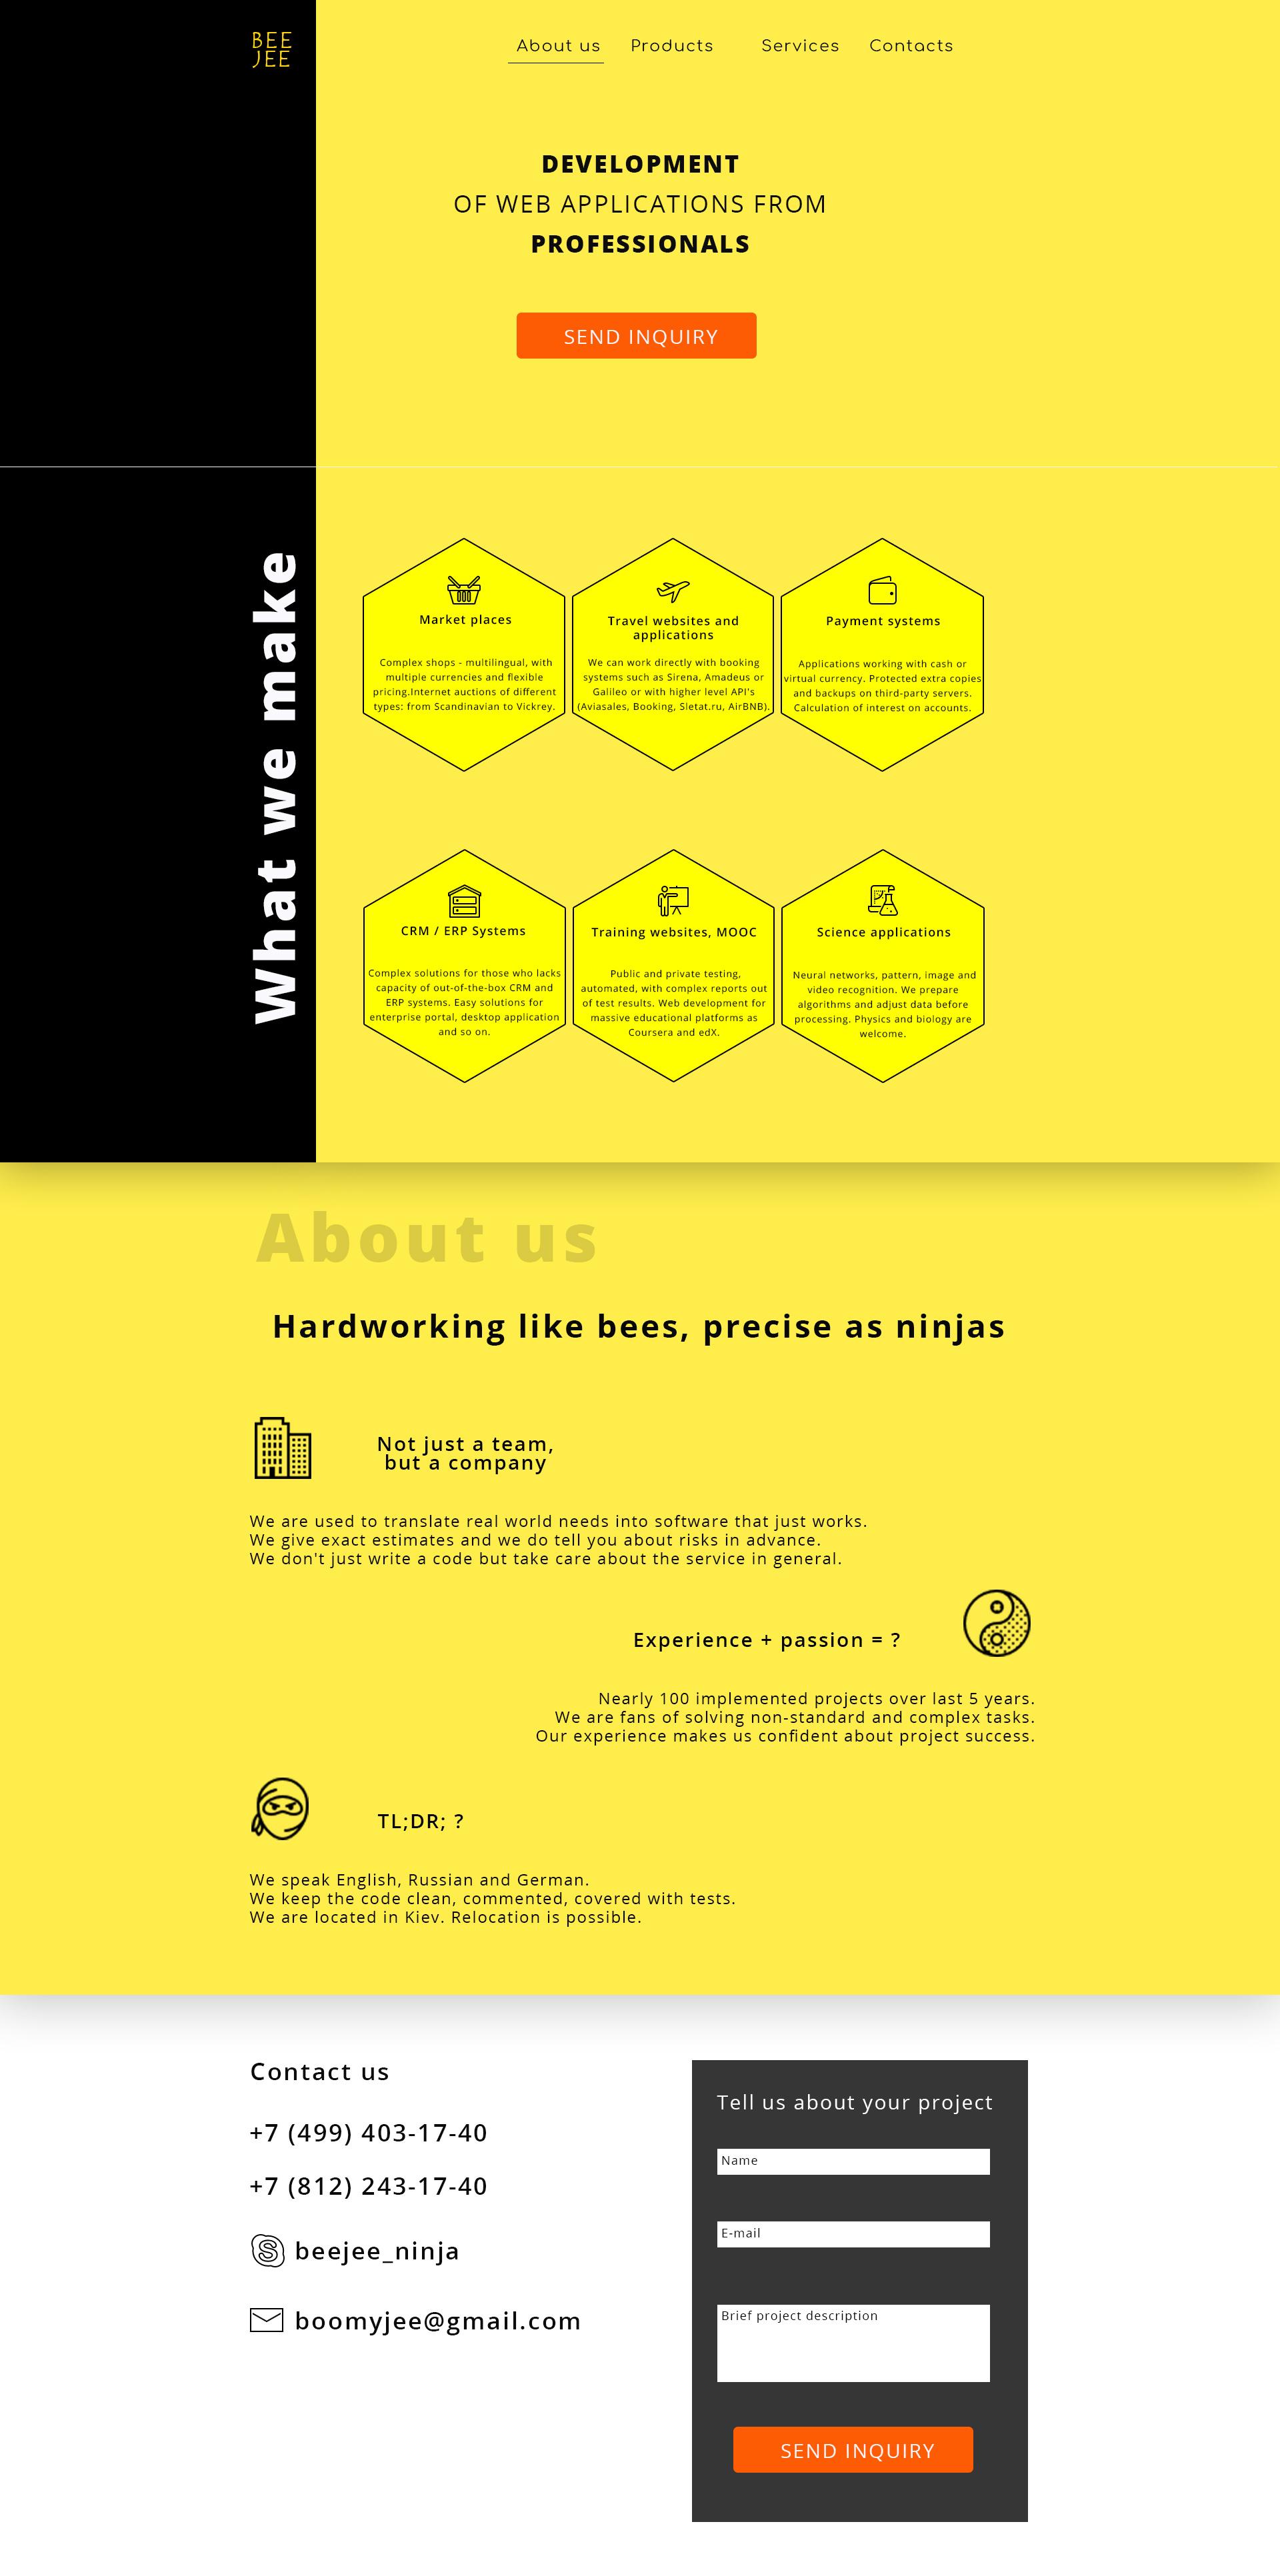 Концепт дизайна сайта в корпоративном стиле для IT компании фото f_839596bbf44ab7a6.jpg